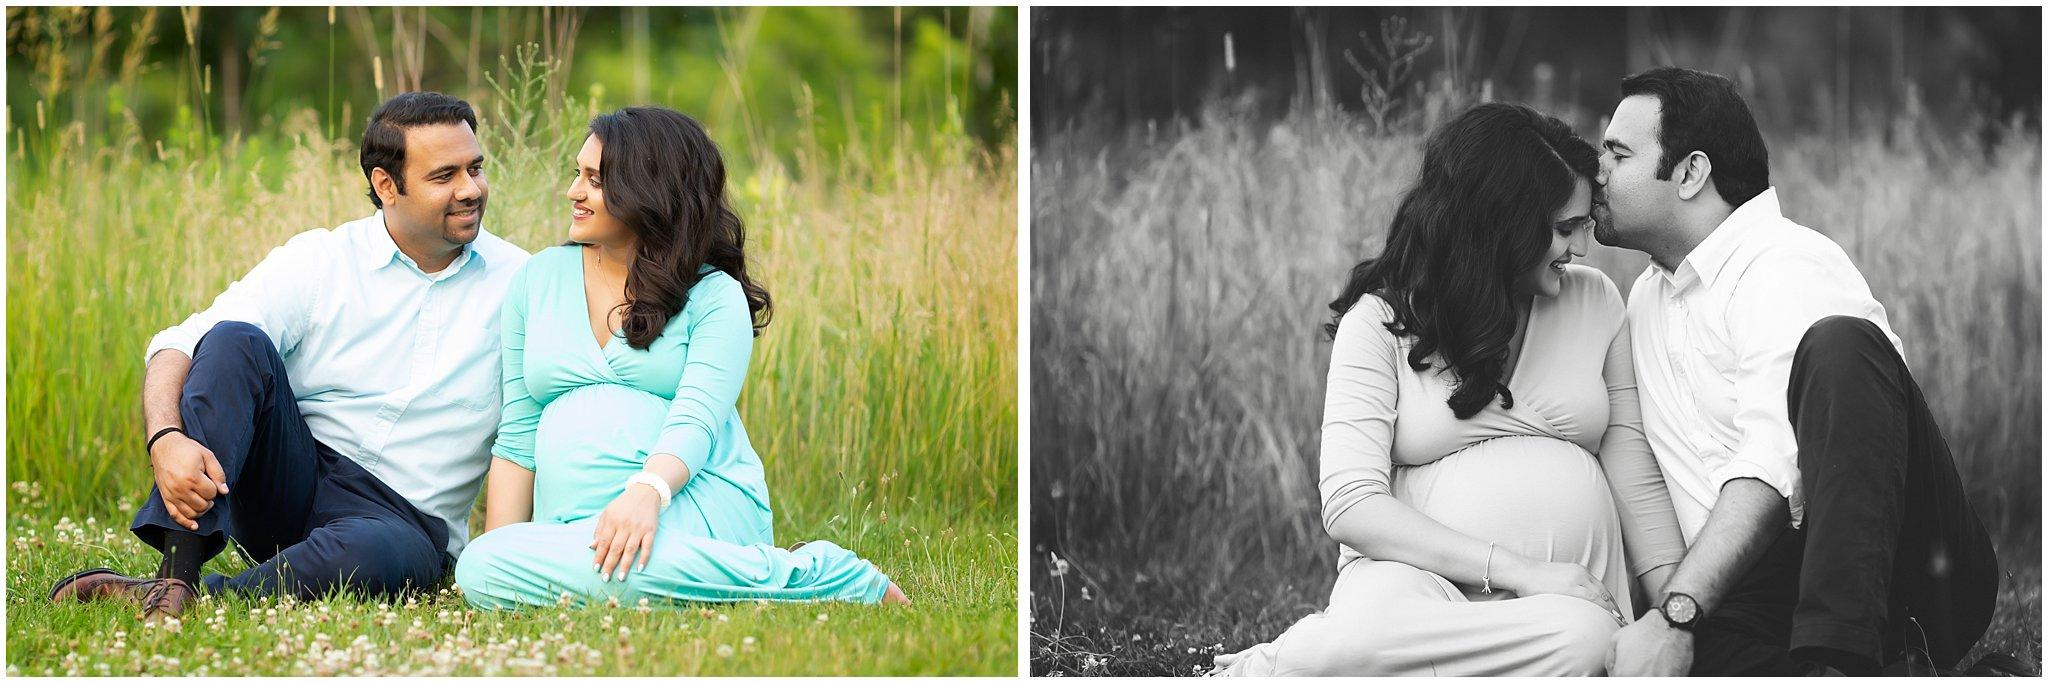 Maternity Photos at Matthaei | Ann Arbor Maternity Photographer